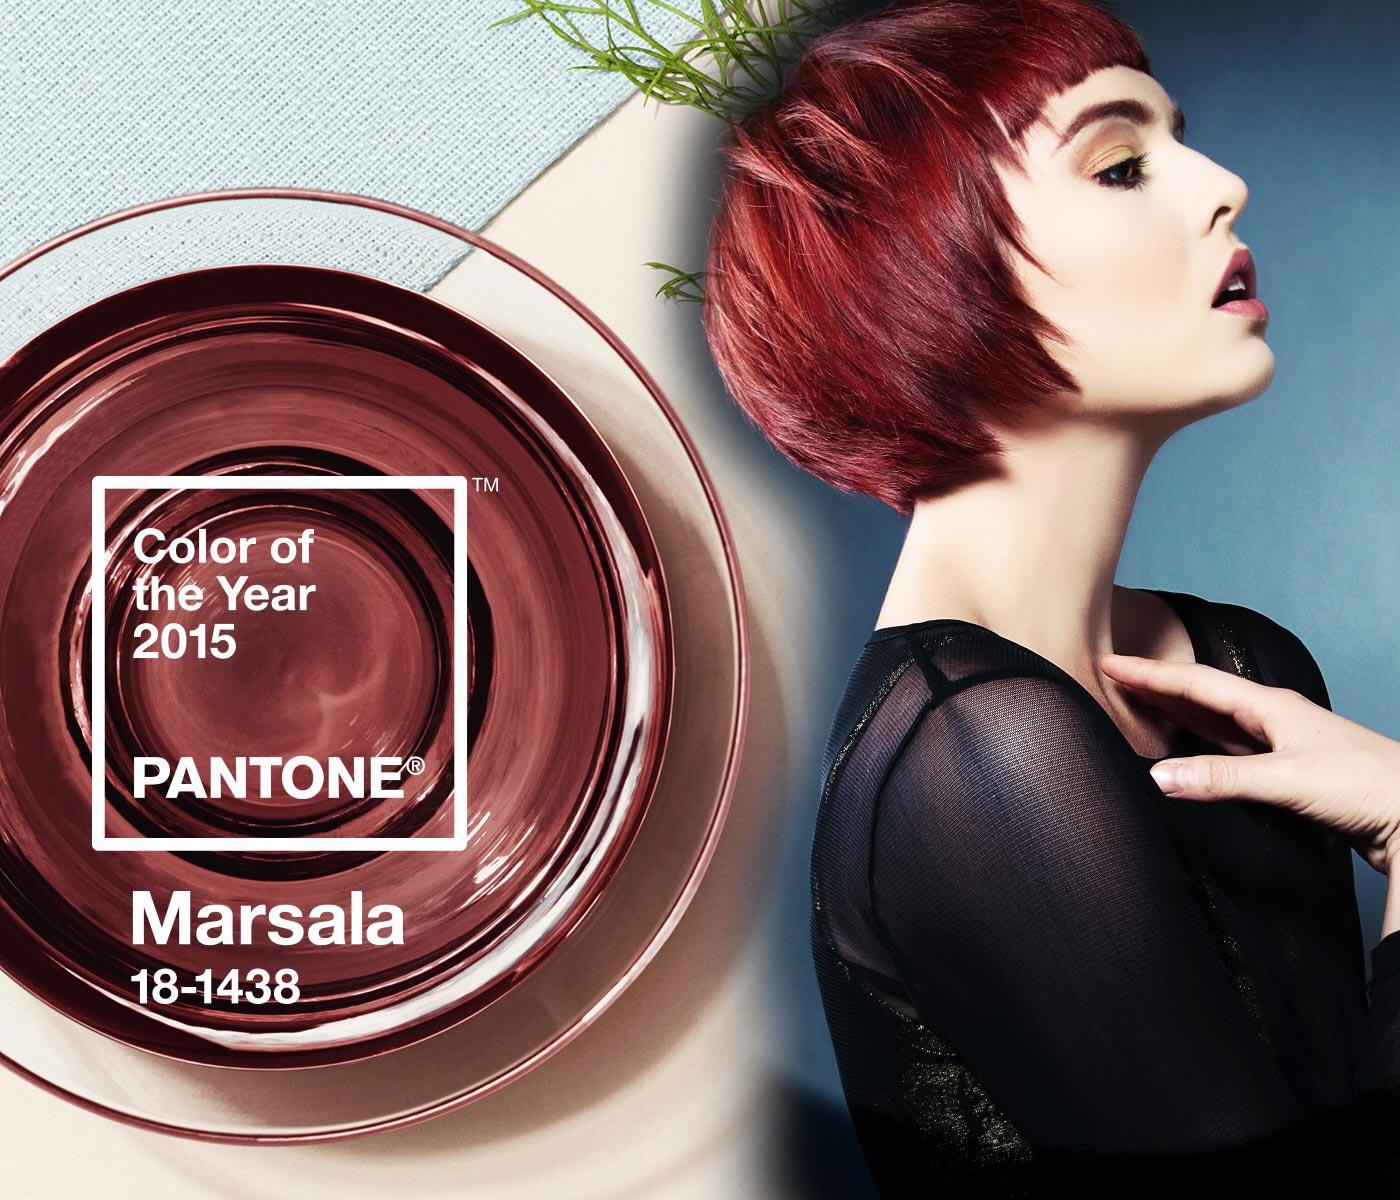 Účesy v farbe roka 2015 Marsala sú hitom. Viete, s akou farbou oblečenia kombinovať vlasy v tejto farbe? (Vlasy: Candy Shaw / Jamison Shaw Hairdressers, foto: Tom Carson, produkcia: Global Hair&Fashion Group, make-up: Betty Mekonnen, použitá farba na vlasy: Wella, módny styling: Athena Dougan.)